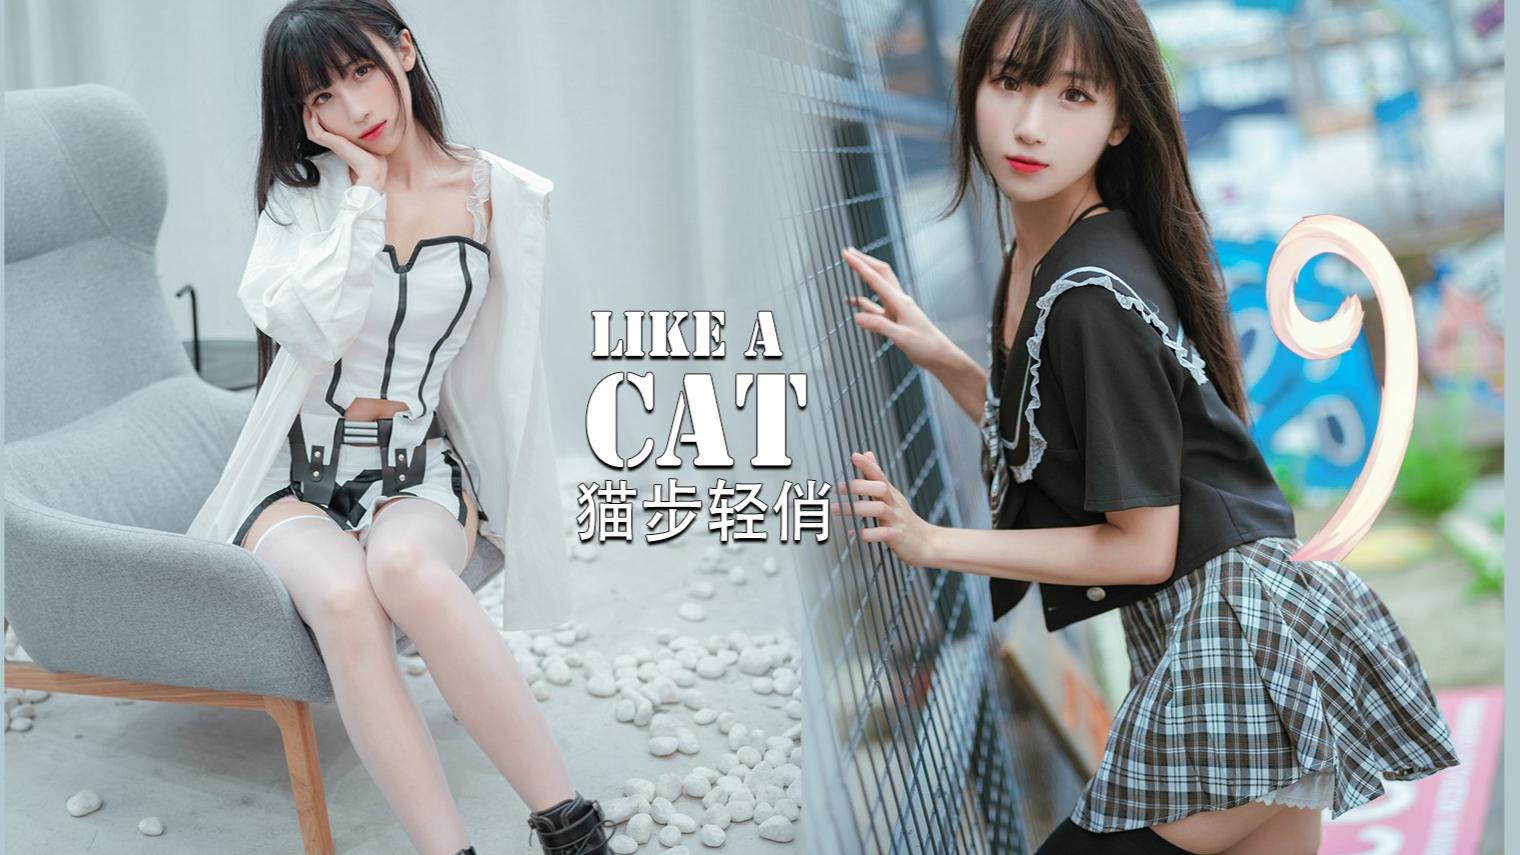 【蔓蔓】LIKE A CAT-猫猫怪盗又帅又性感♡猫步轻俏